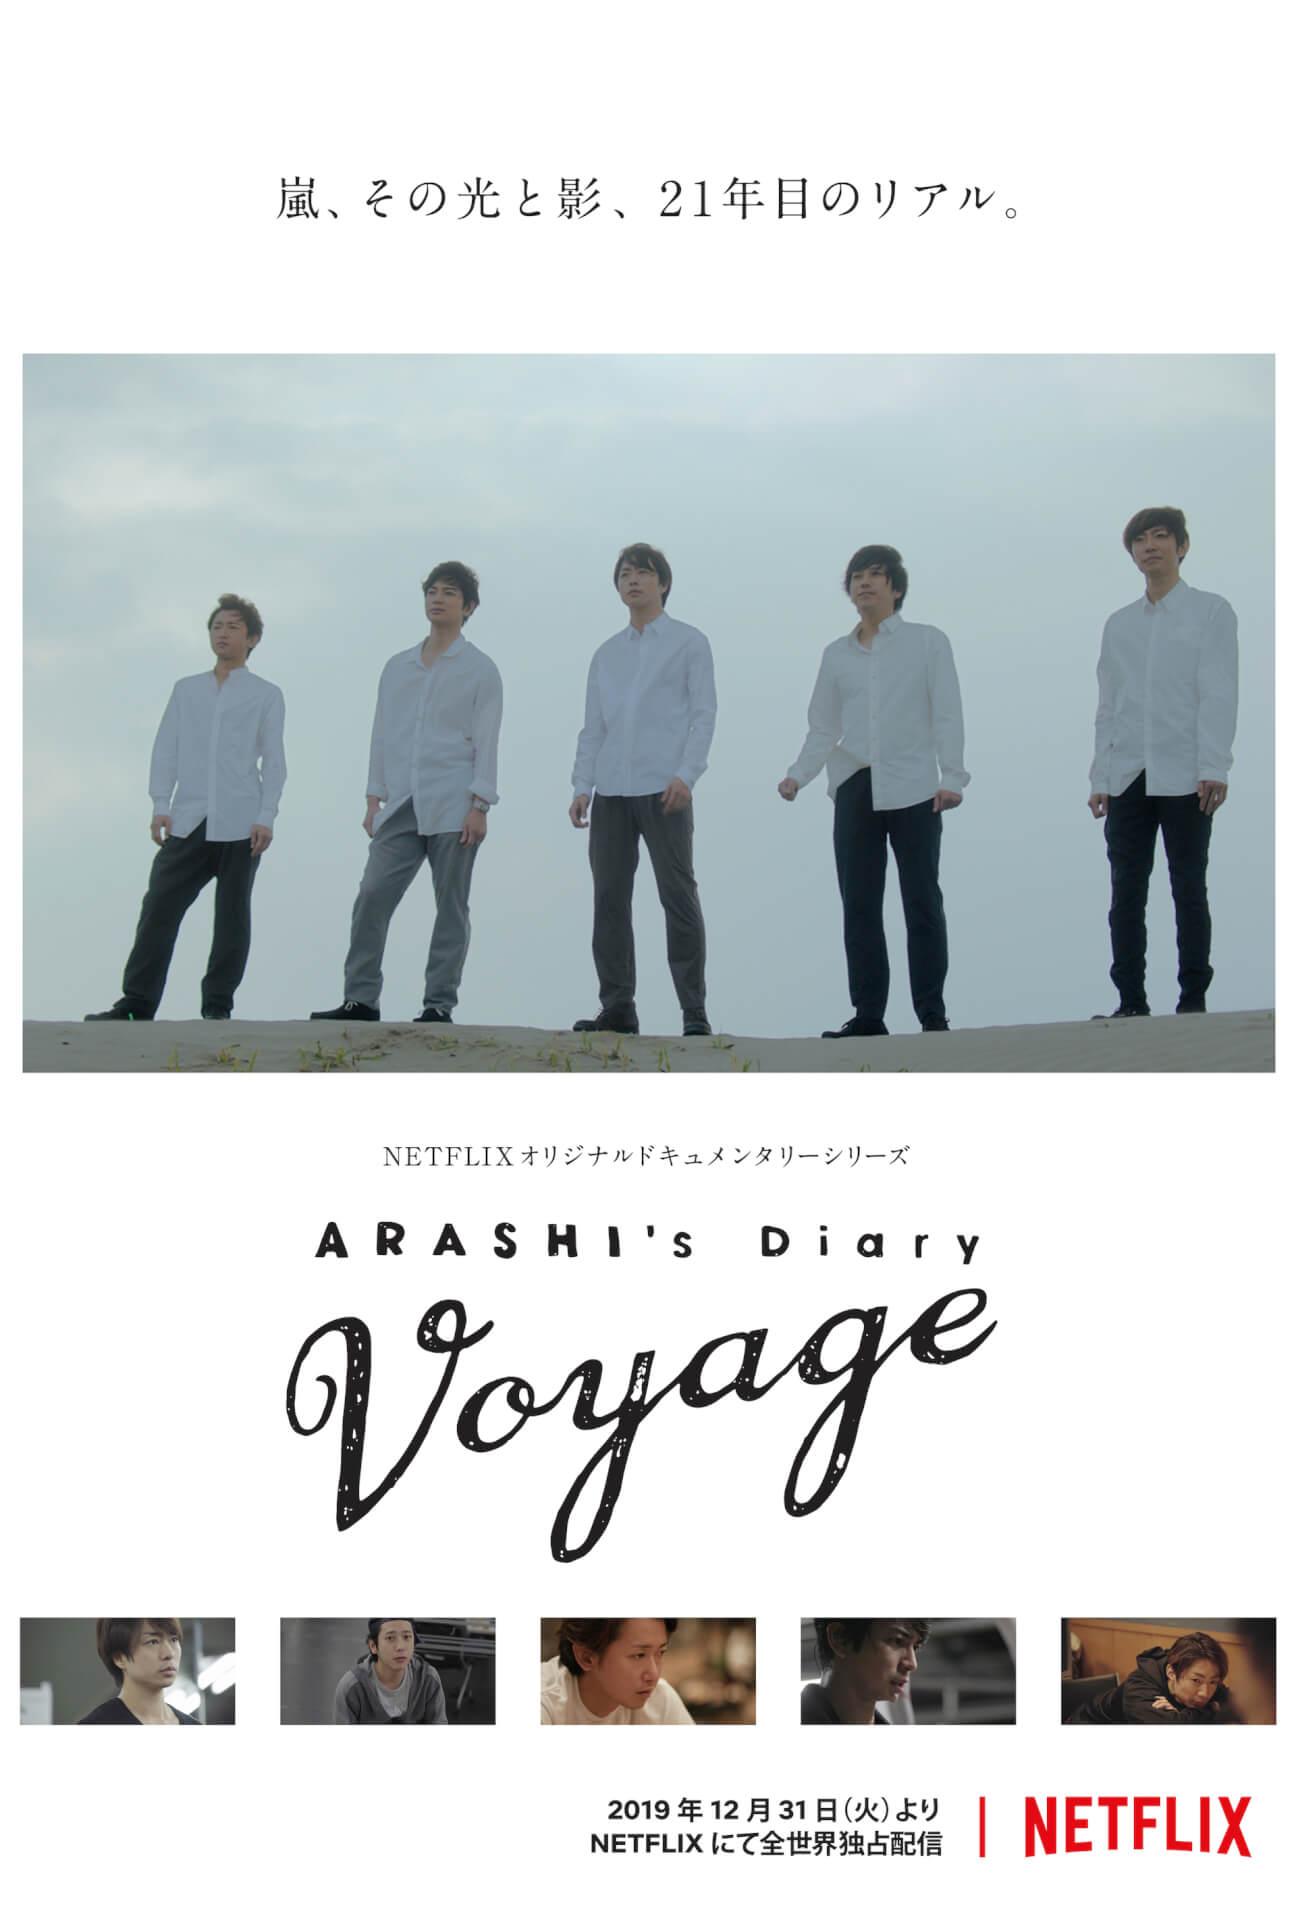 なぜ嵐は活動休止するのか|Netflixオリジナルドキュメンタリーシリーズ『ARASHI's Diary -Voyage-』毎月配信決定!キーアートも解禁 art191213_arashi_netflix_1